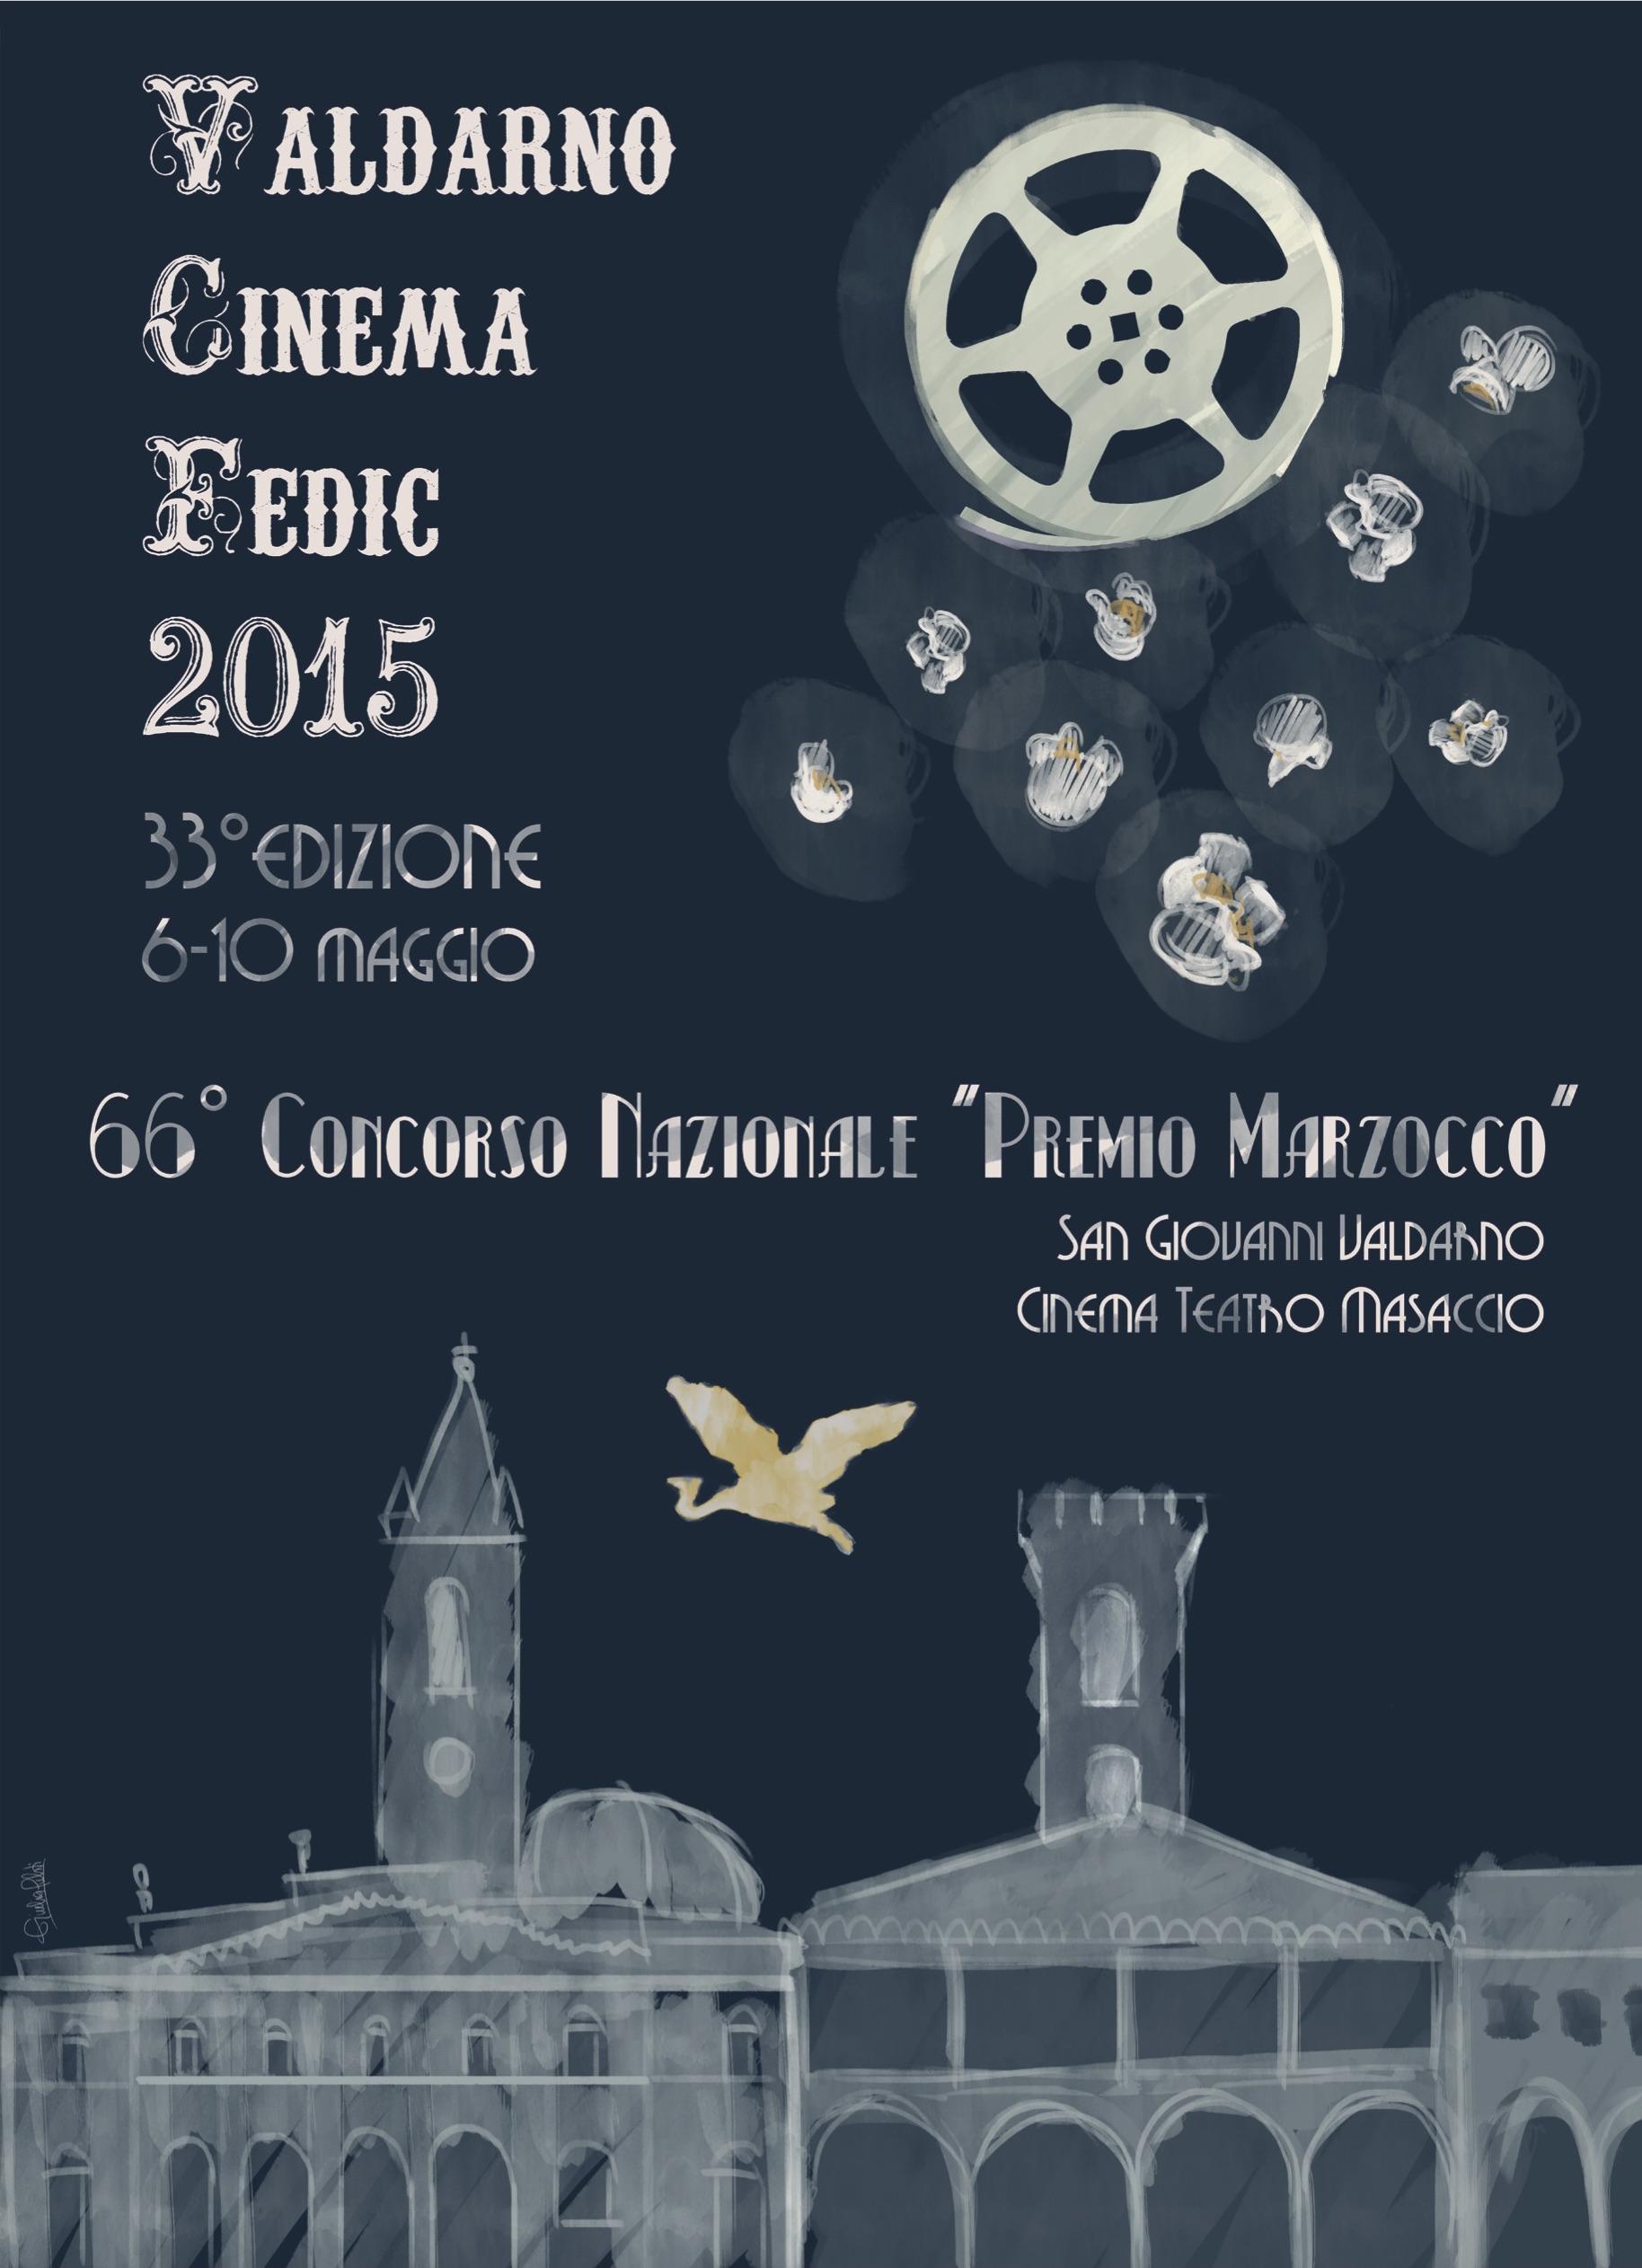 E' iniziata la XXXIII edizione del Valdarno Cinema Fedic